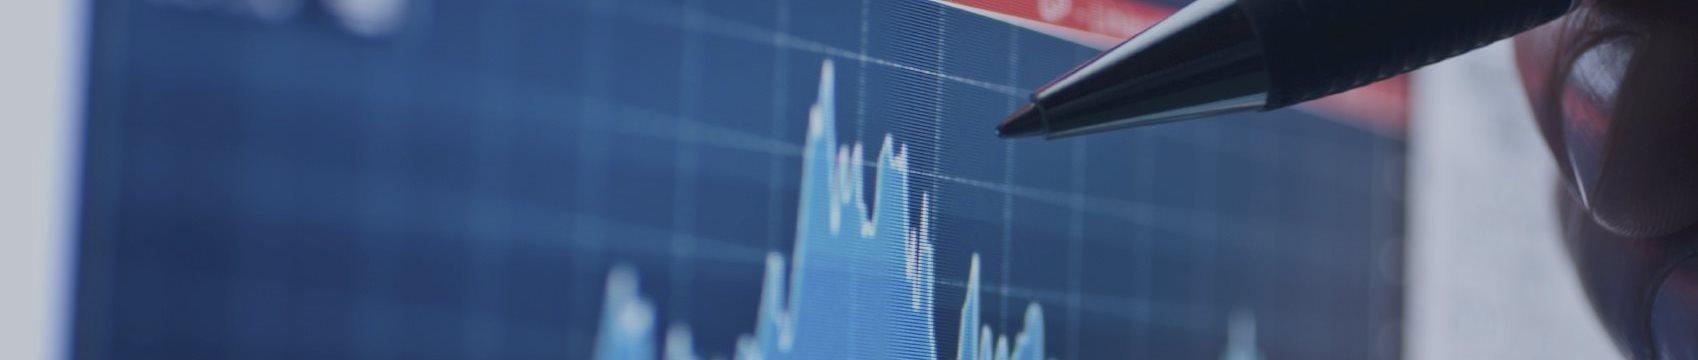 Рисковые рынки становятся более привлекательными – даже по отношению к США